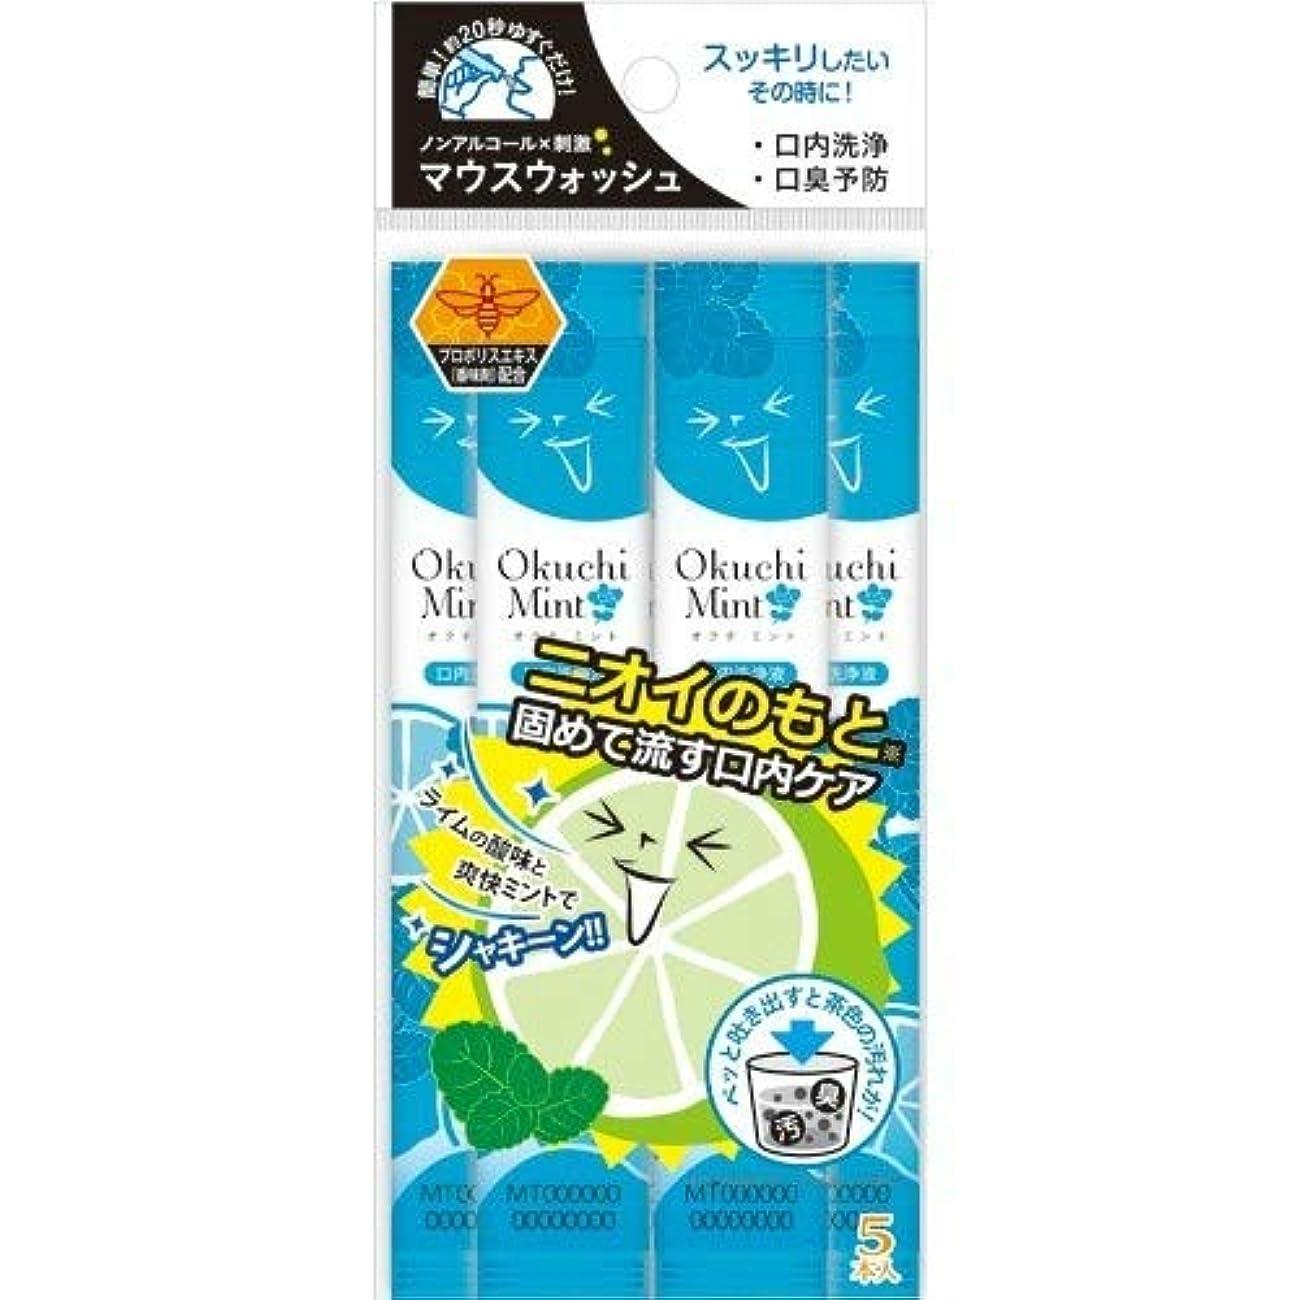 貝殻チャンピオンシップキャンプテクセルジャパン オクチミント マウスウォッシュ 5本入